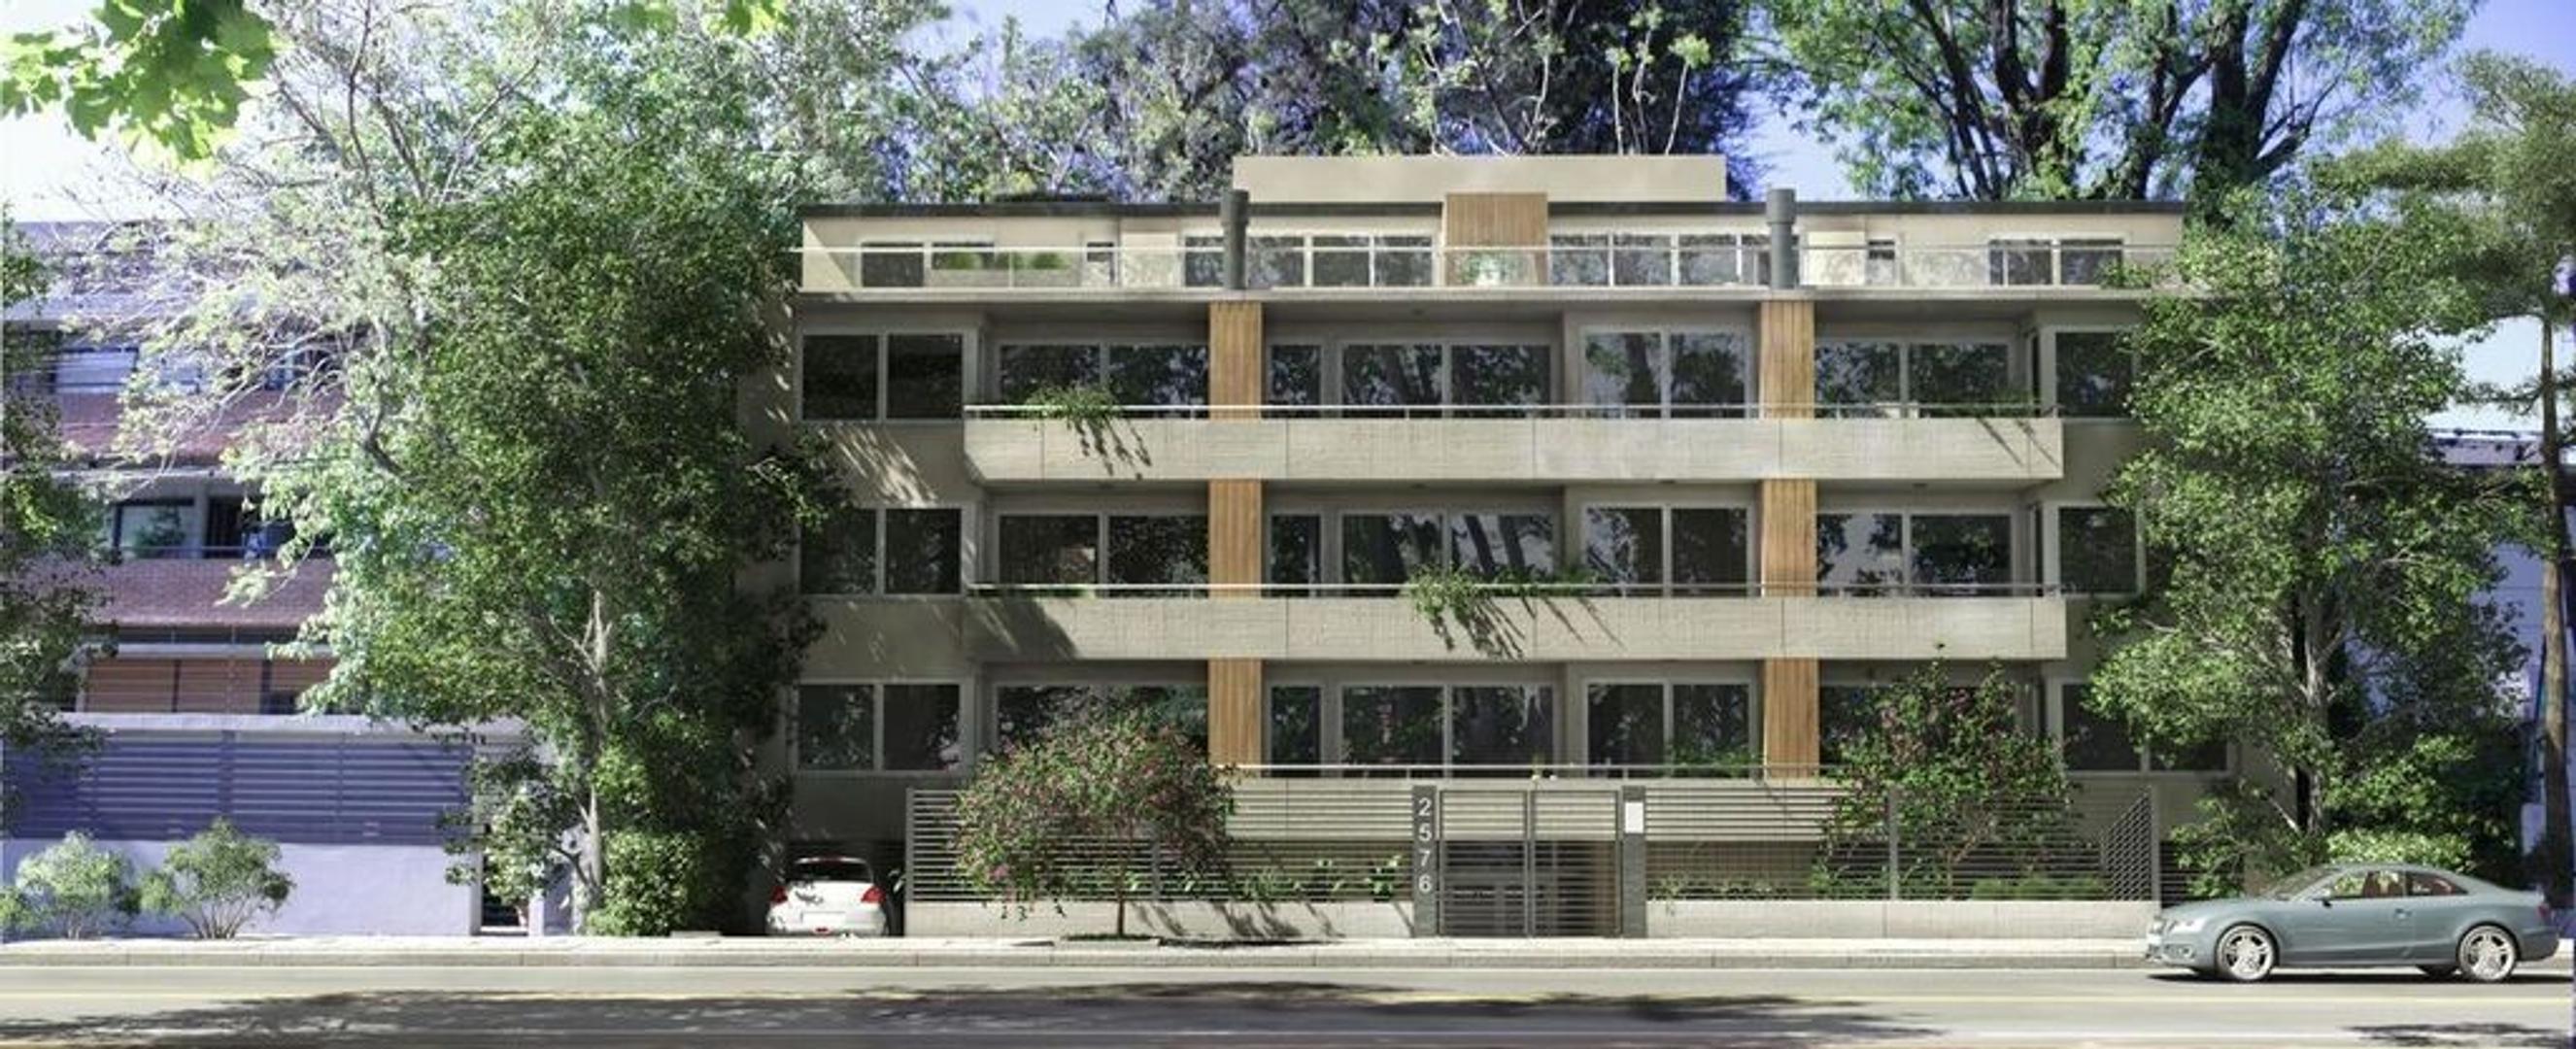 Departamento  en Venta ubicado en San Fernando, Zona Norte - LOM0536_LP122500_1